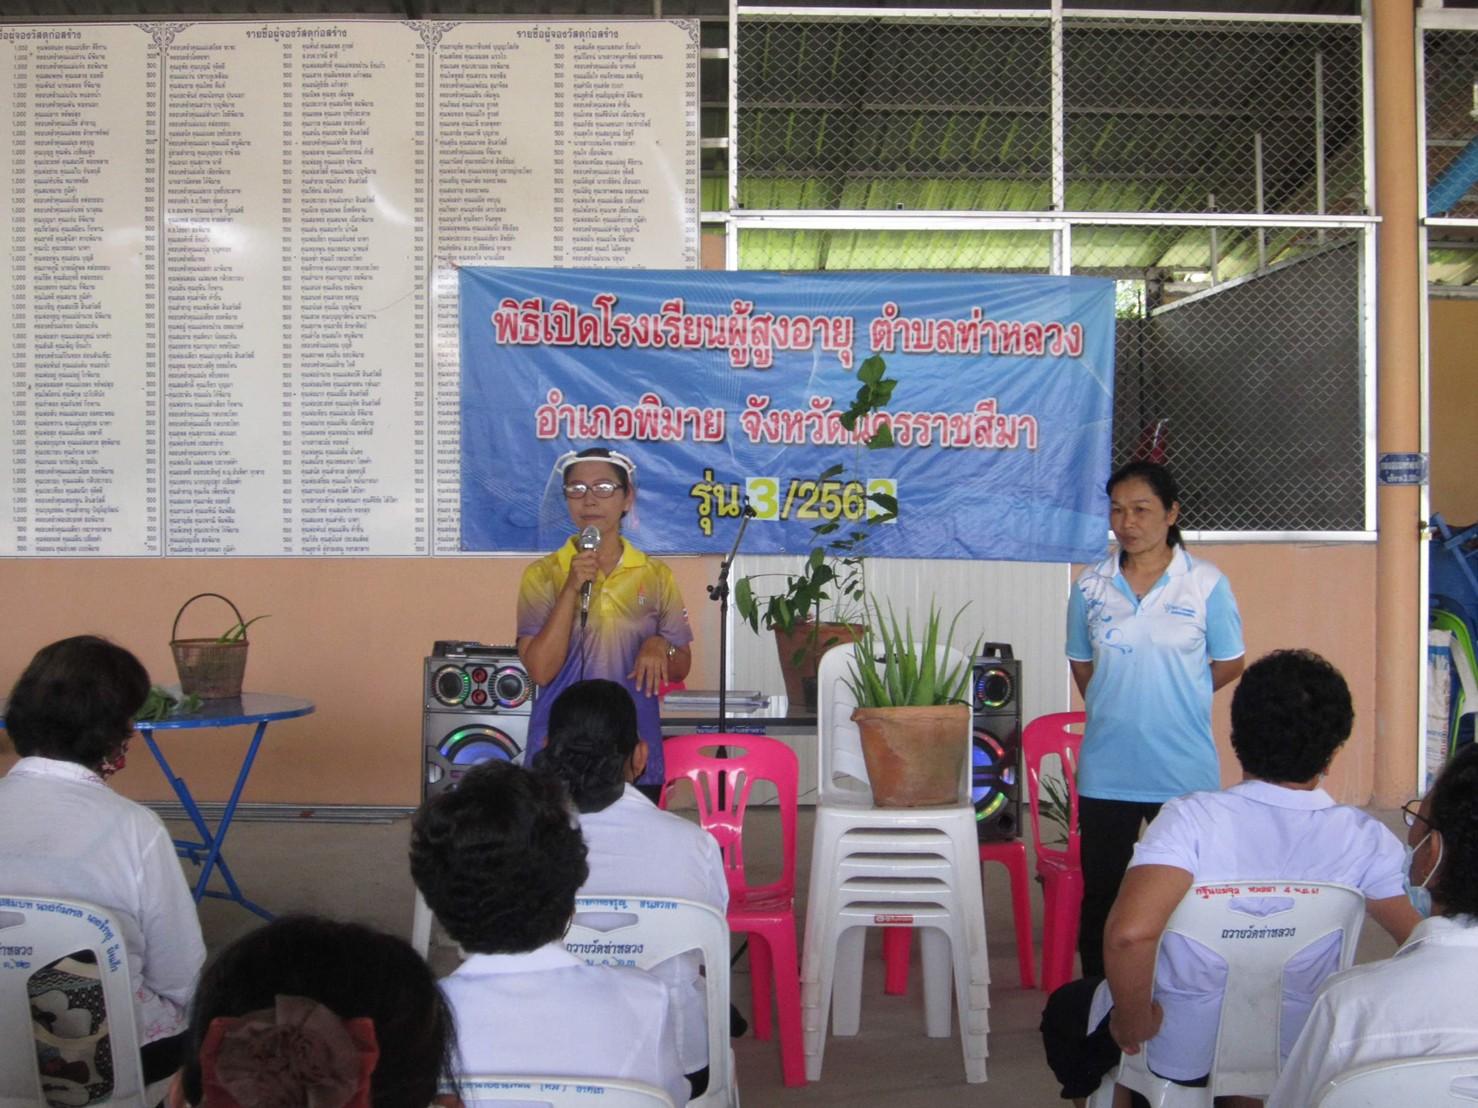 โครงการโรงเรียนผู้สูงอายุ ประจำปีงบประมาณ 2563